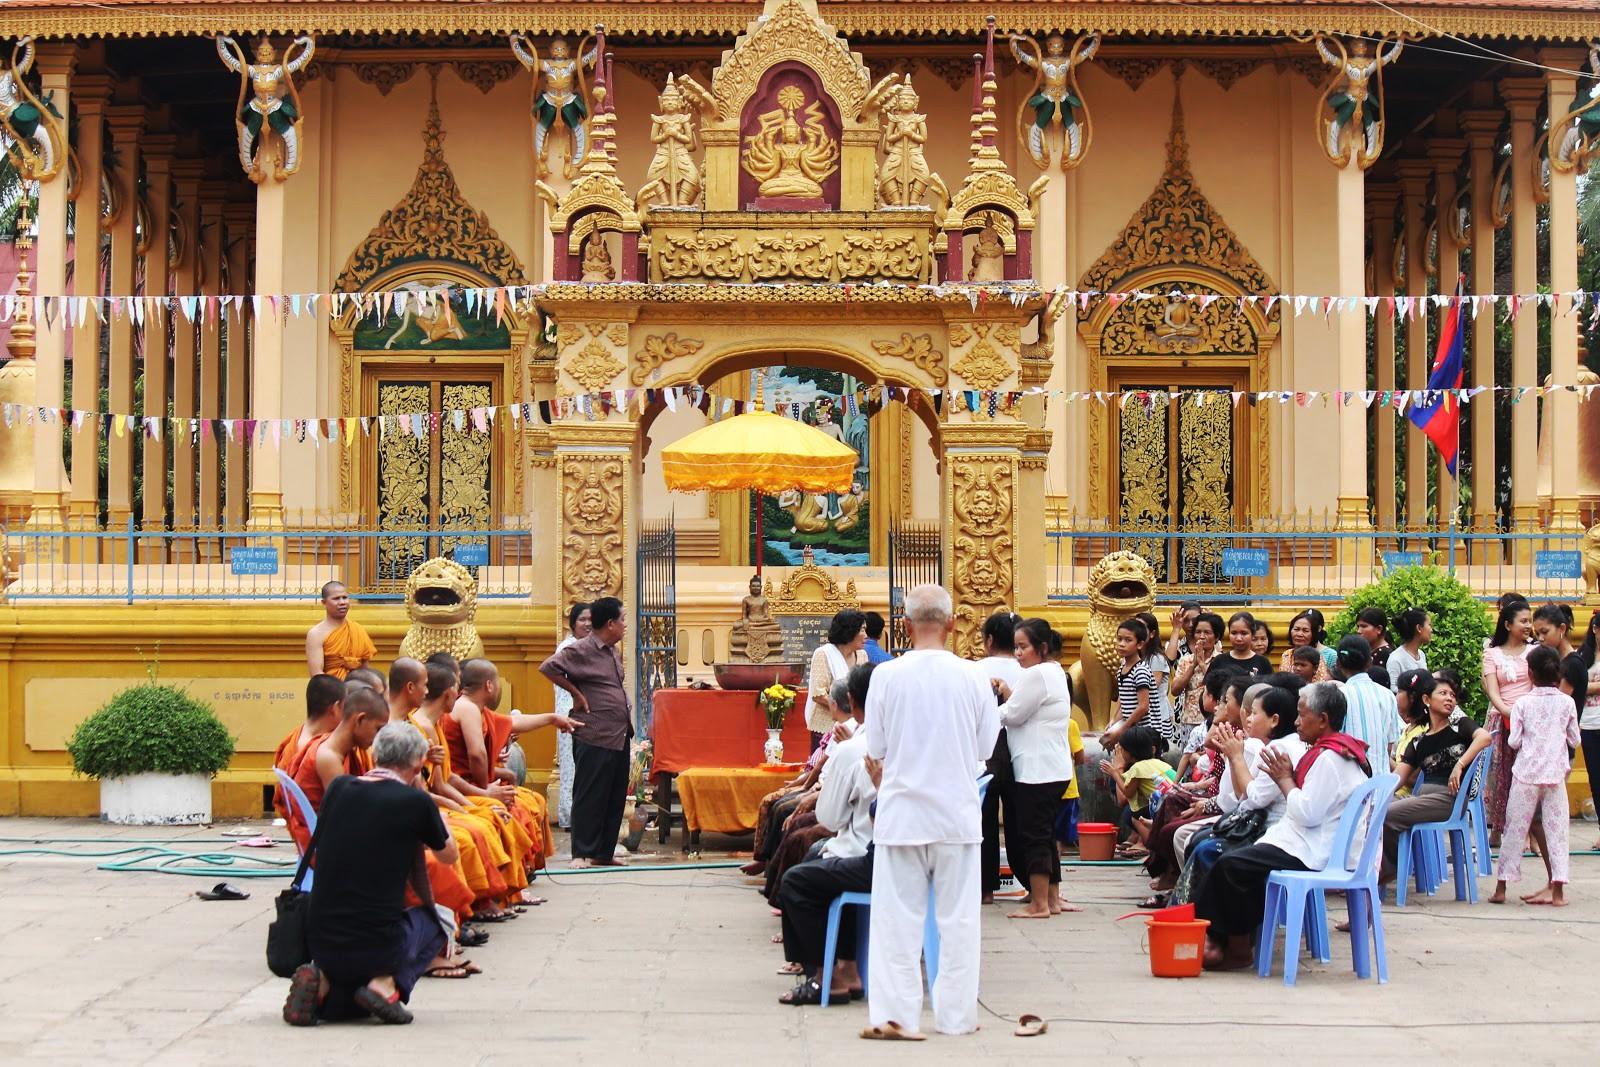 камбоджа, достопримечательности камбоджи, баттамбанг